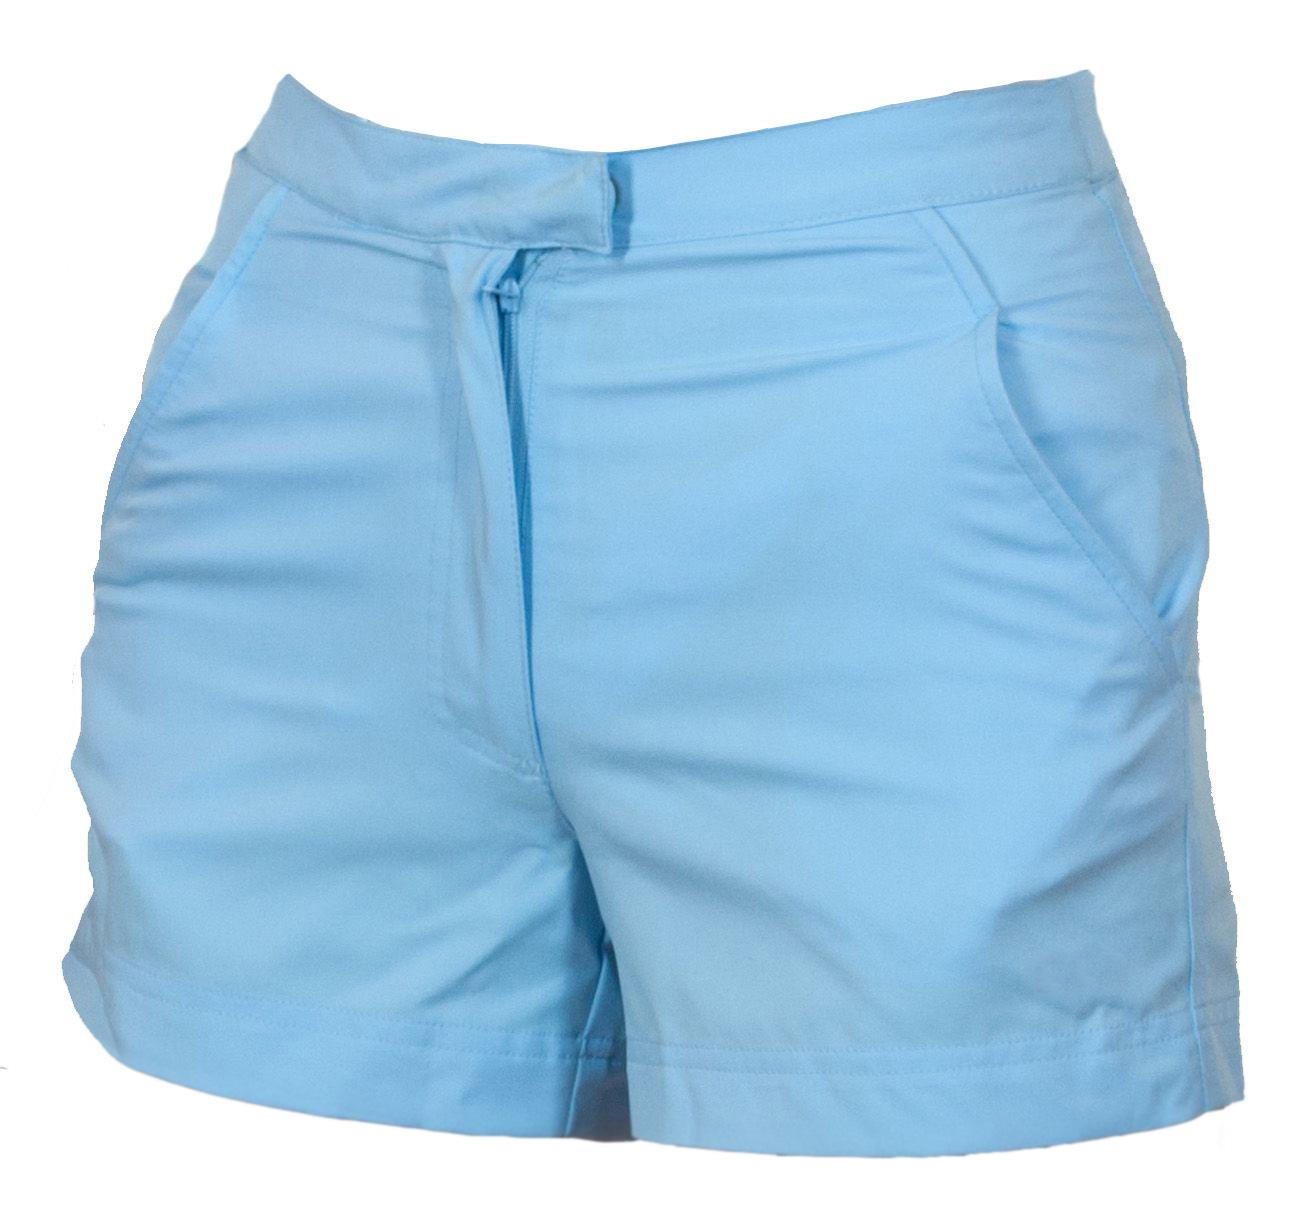 Купить светло-голубые шорты для девушки